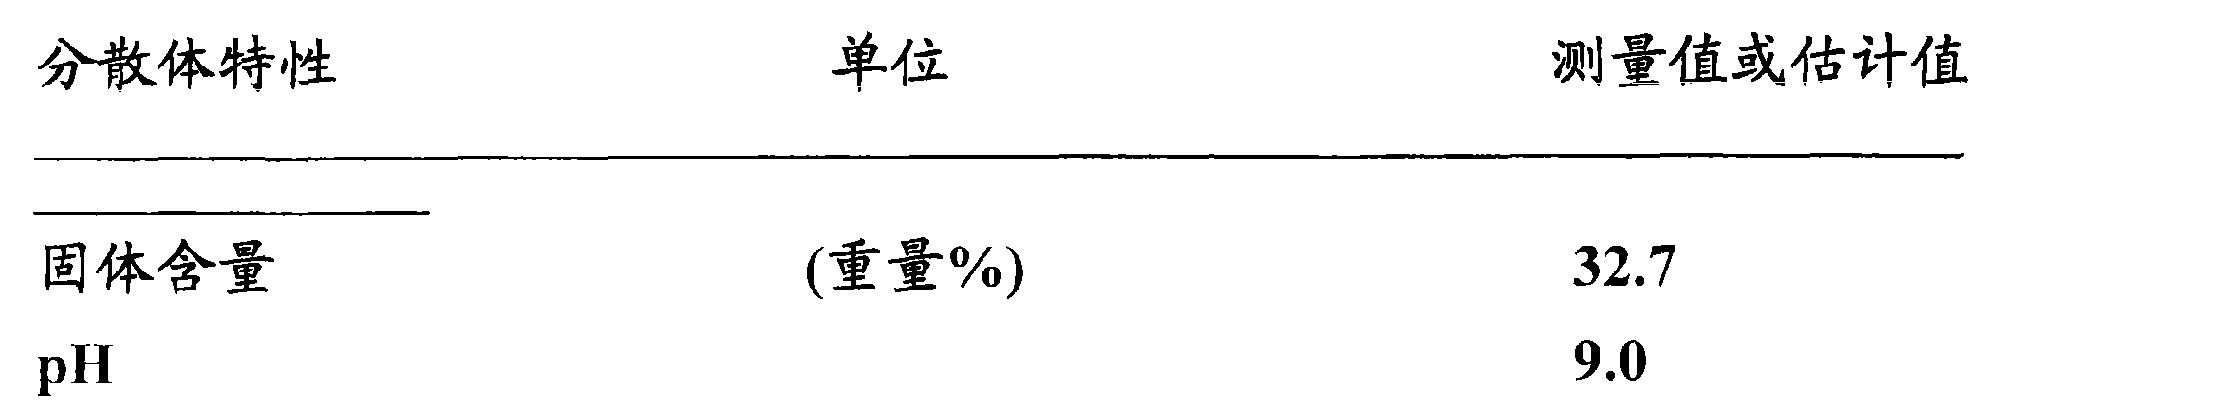 Figure CN101778870BD00251